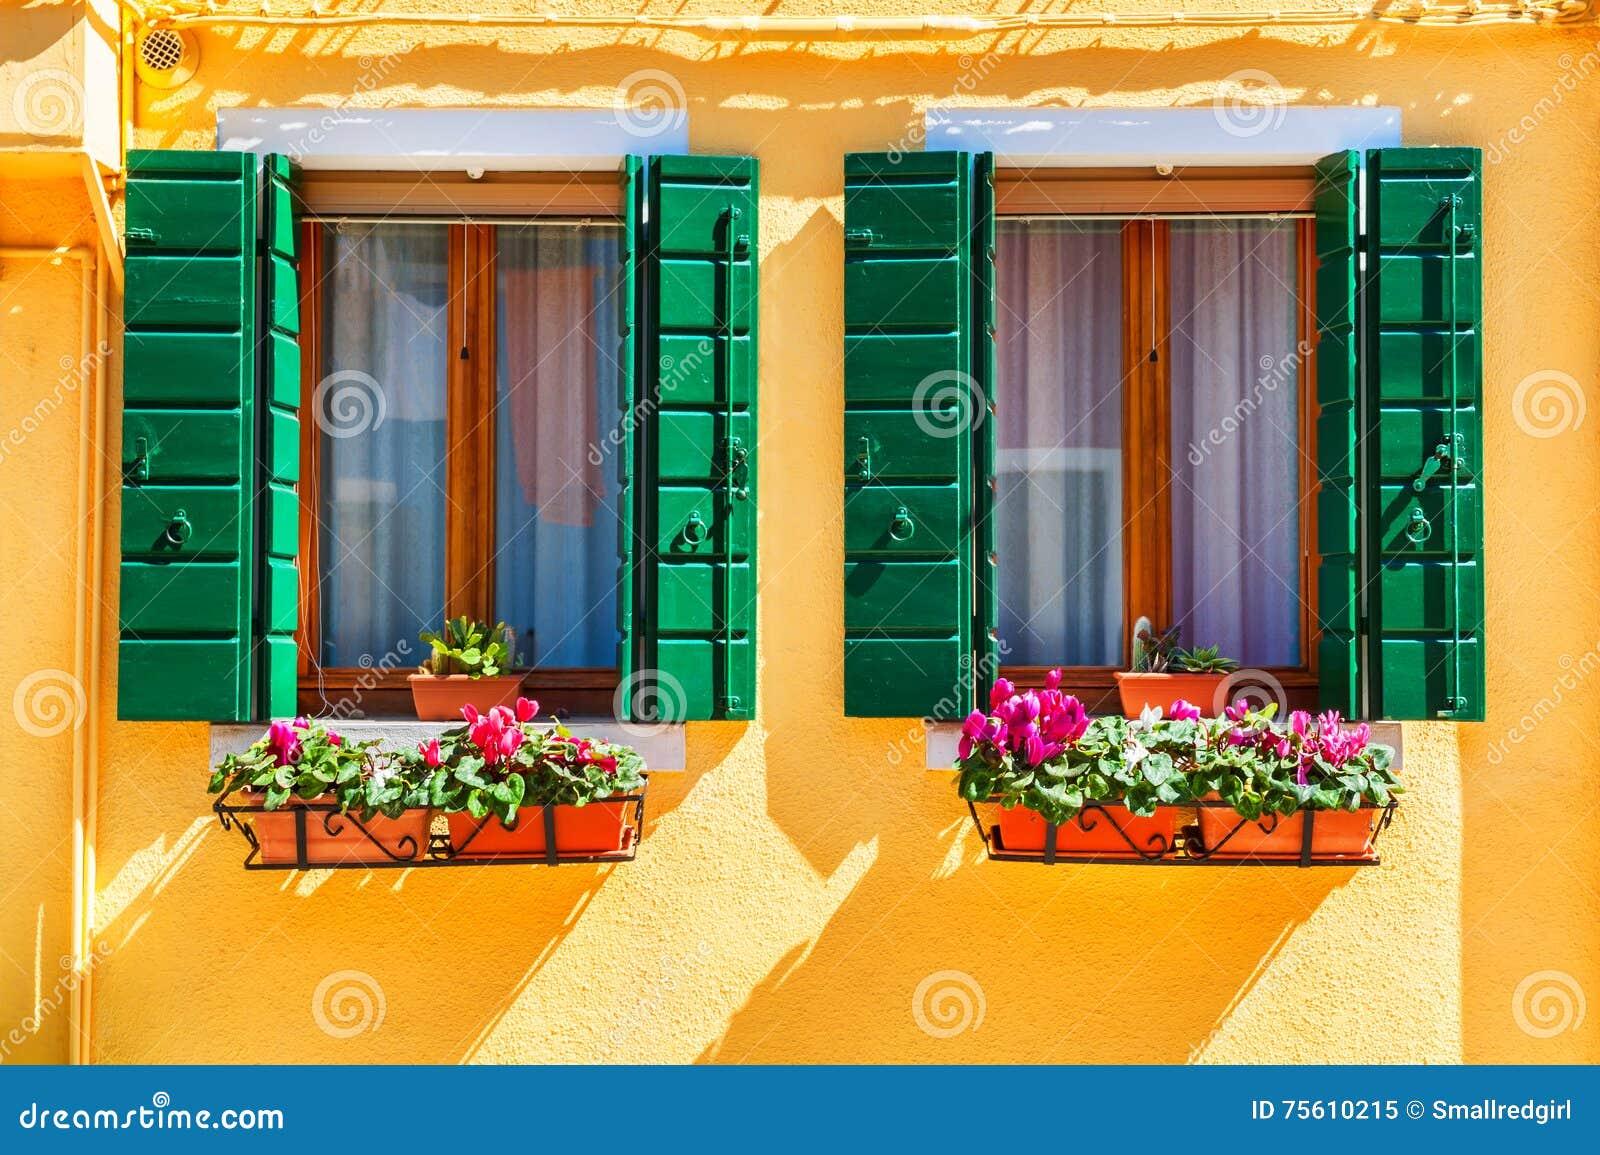 Gelbes Haus Und Fenster Mit Grunen Fensterladen Stockbild Bild Von